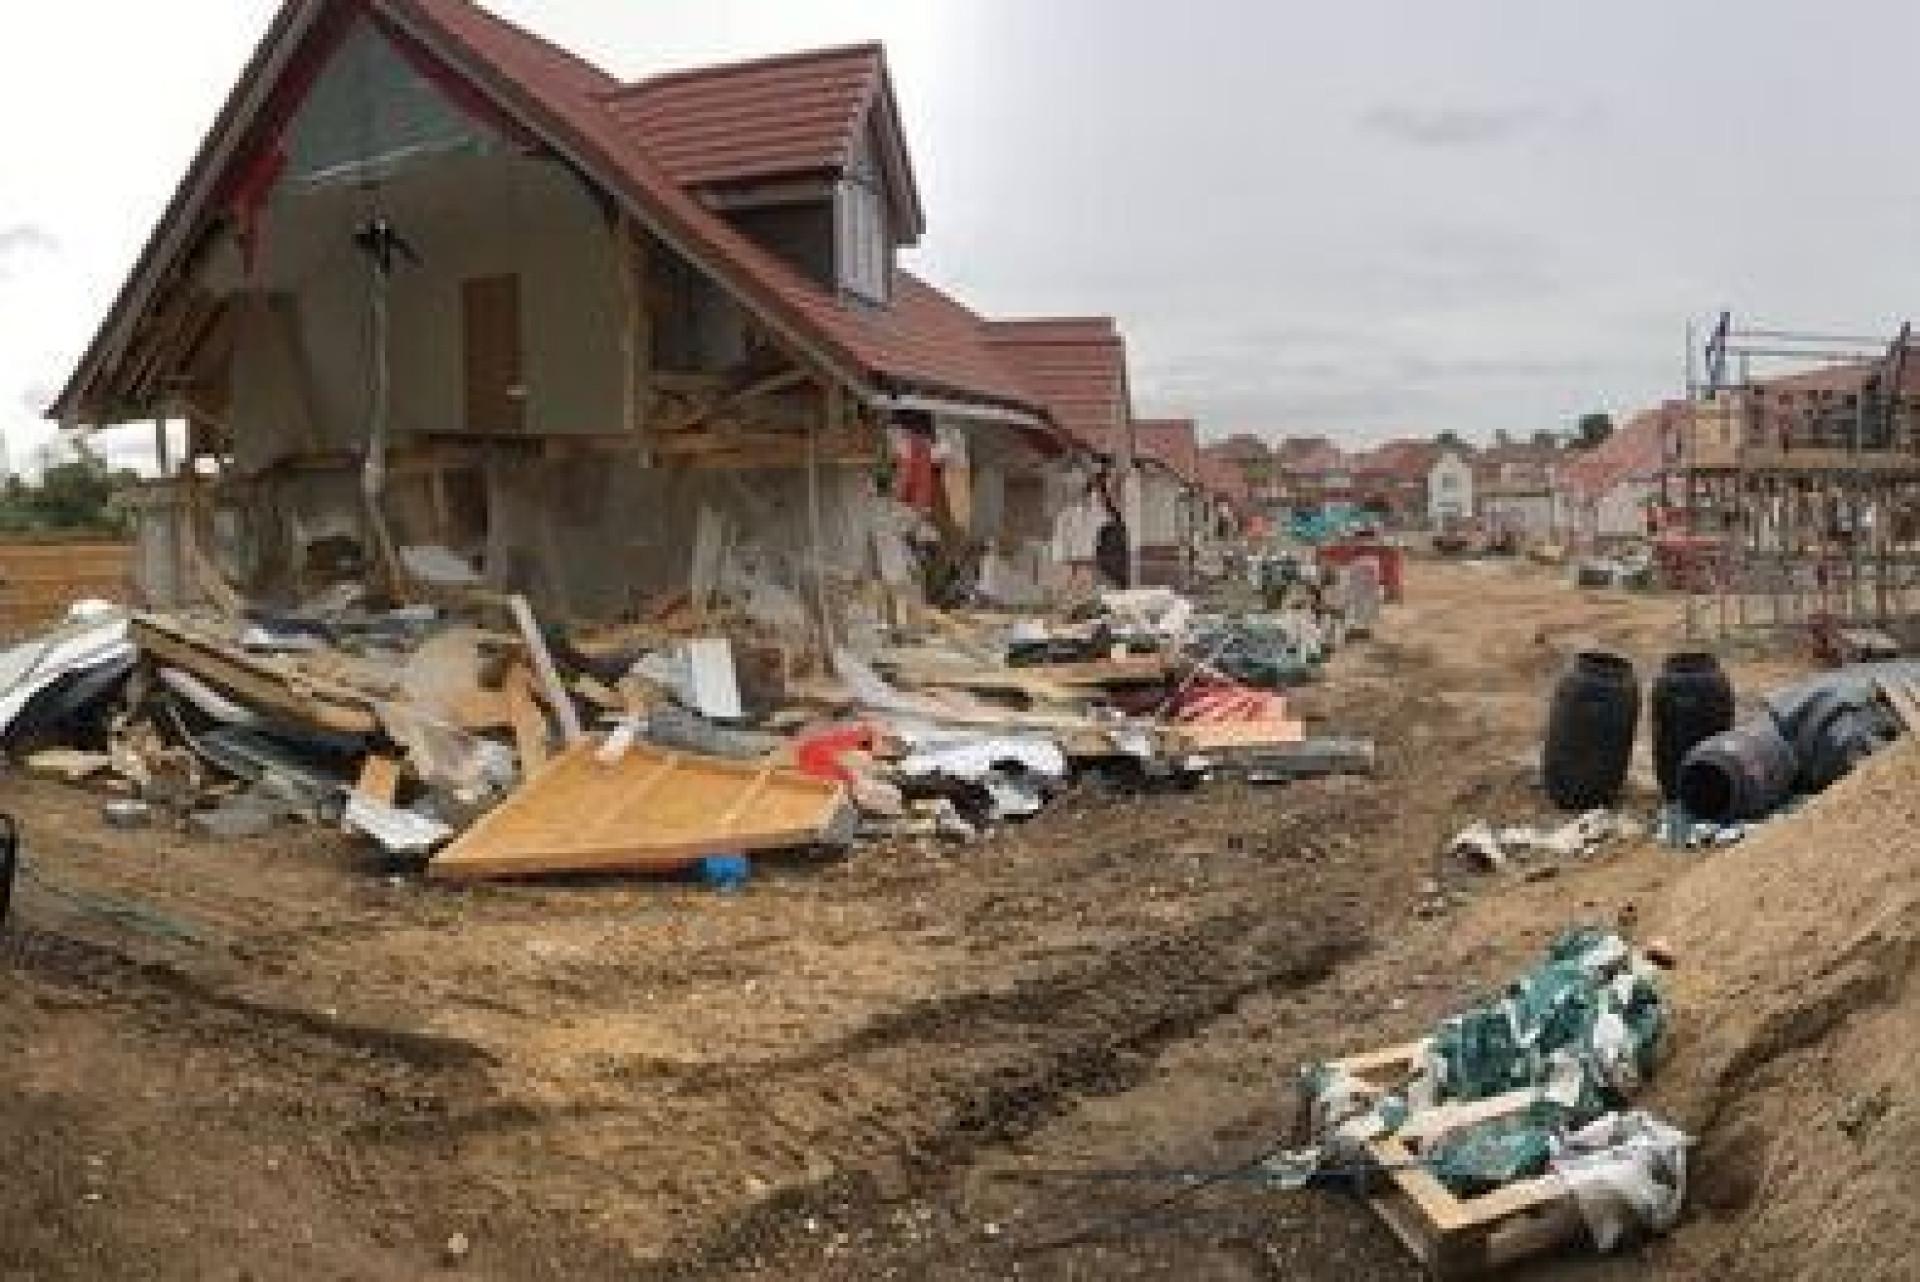 Construtor destrói casas no valor de 2,7 milhões por falta de pagamento